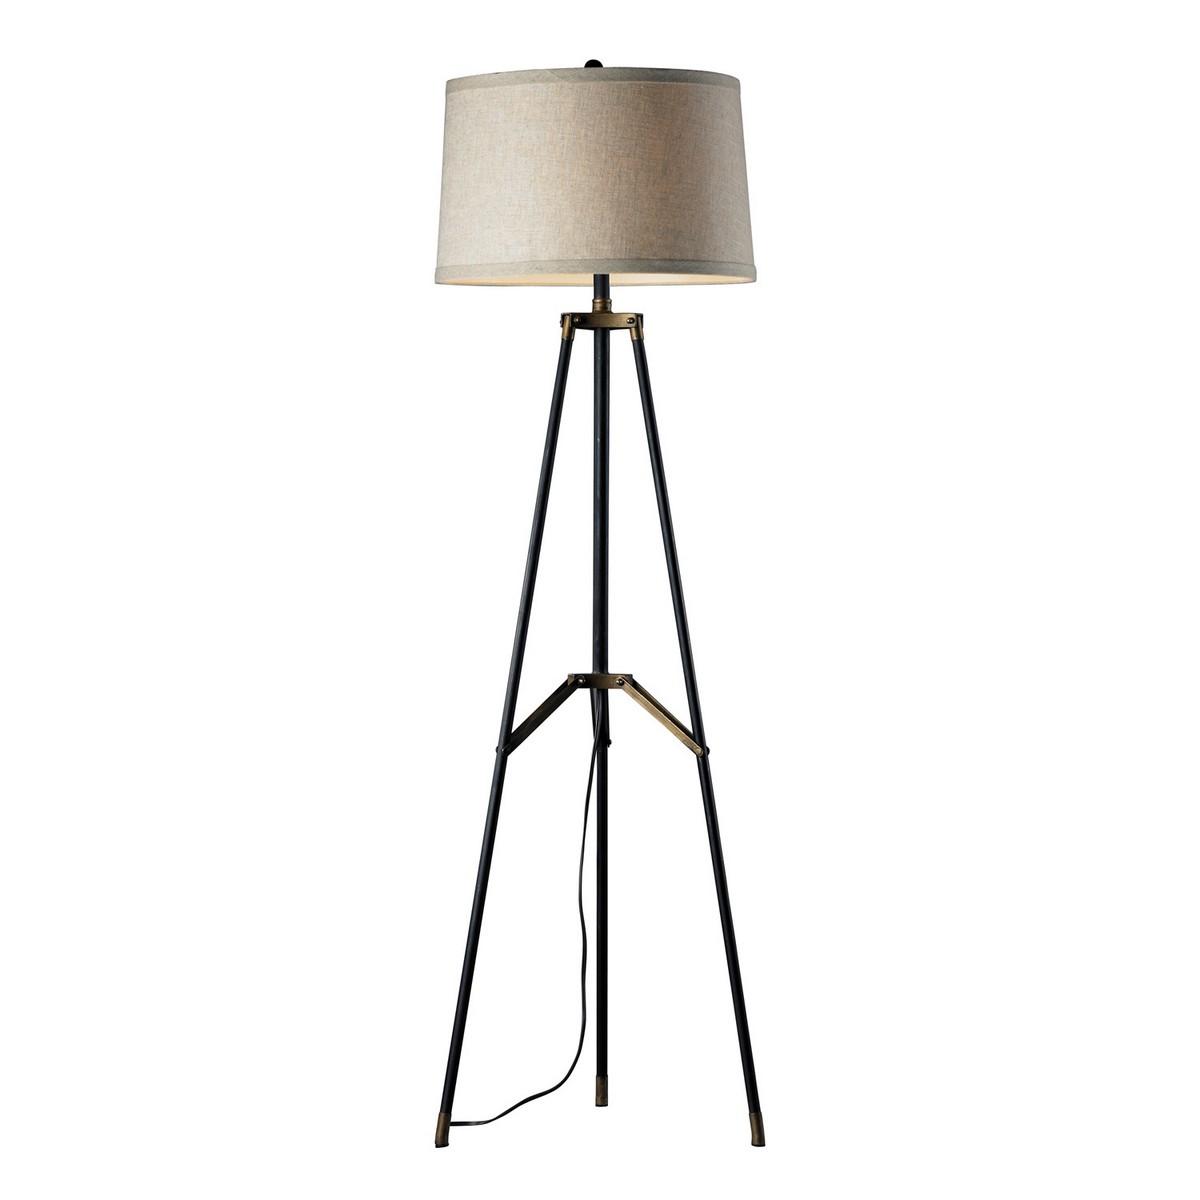 Elk Lighting D310 Floor Lamp - Restoration Black/Aged Gold